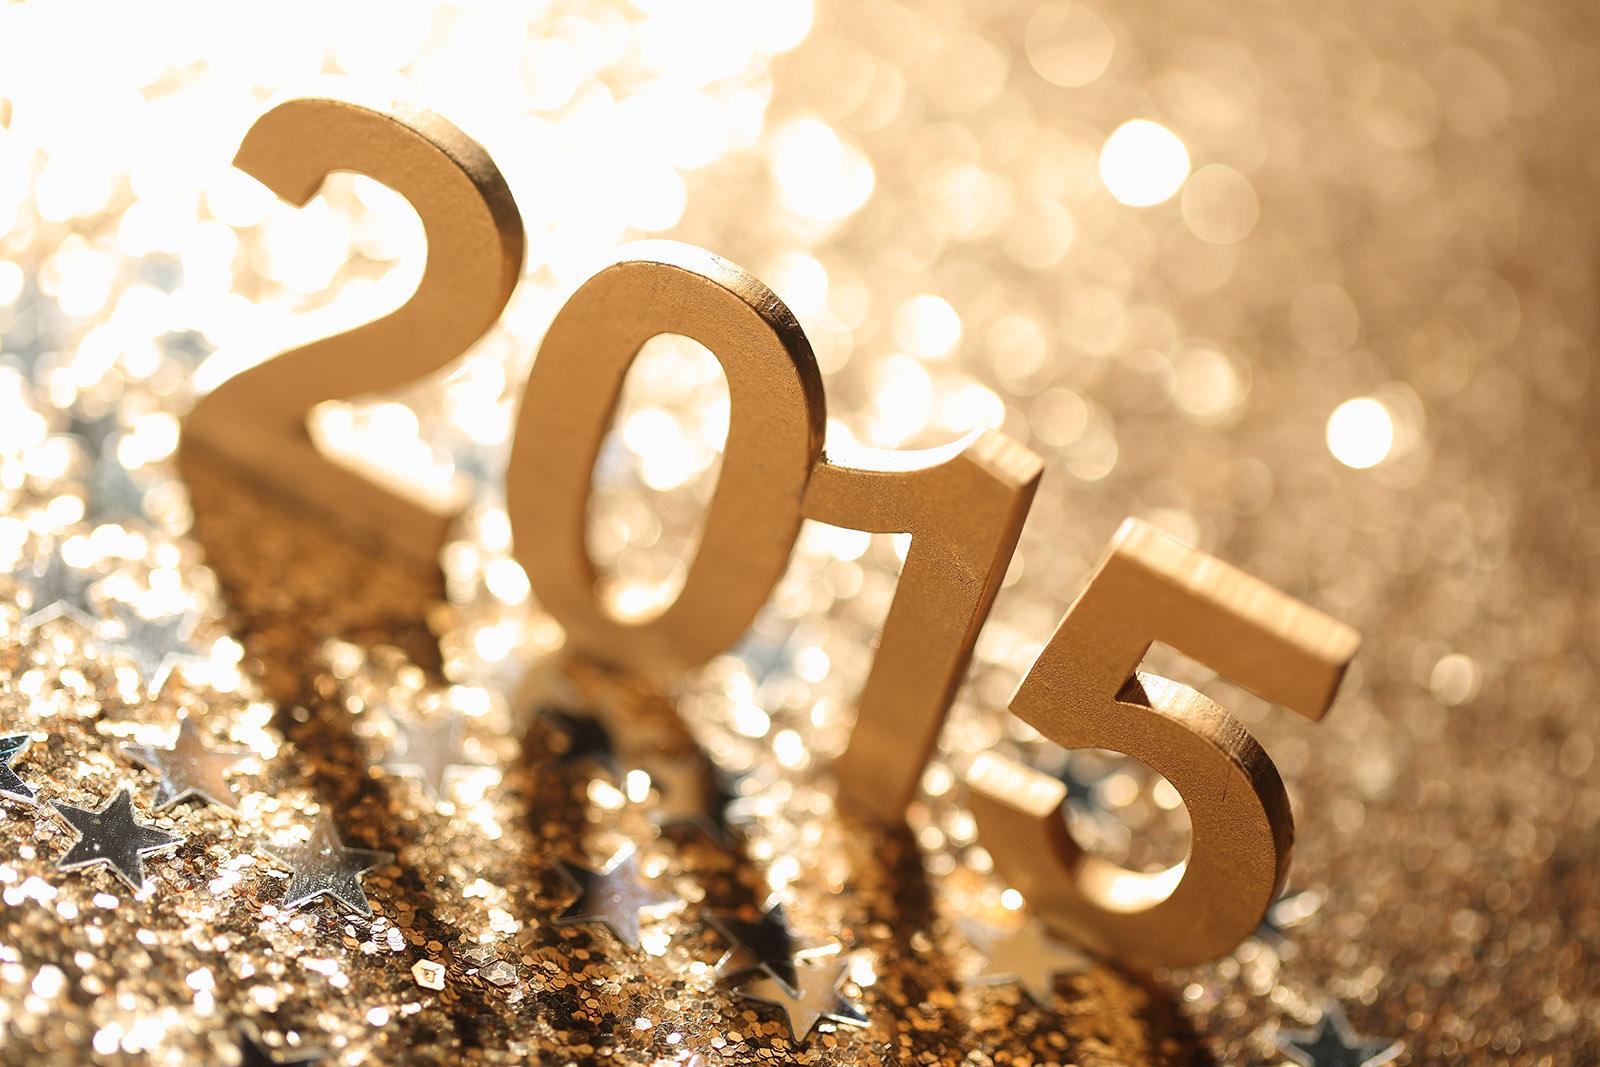 年賀状 2015年 年賀状 フリー素材 : ... × 3744 pixels 2015年賀状無料素材